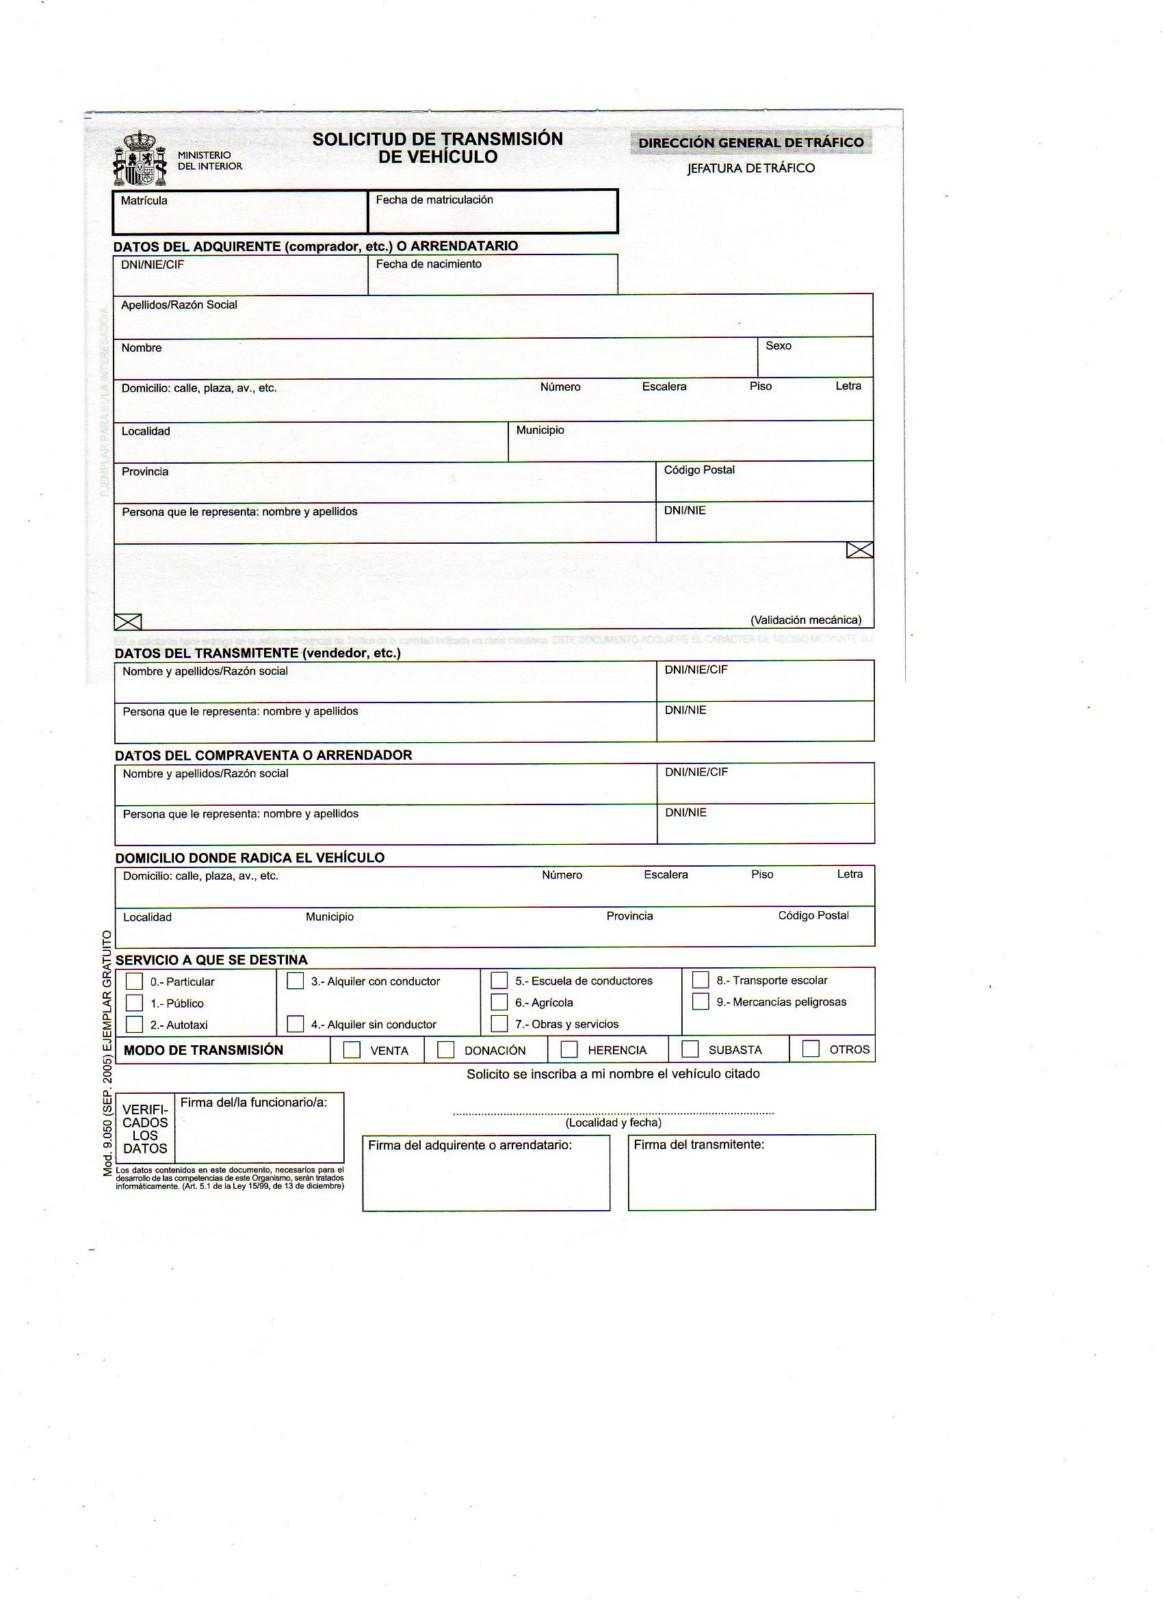 impreso transferencia vehiculo: